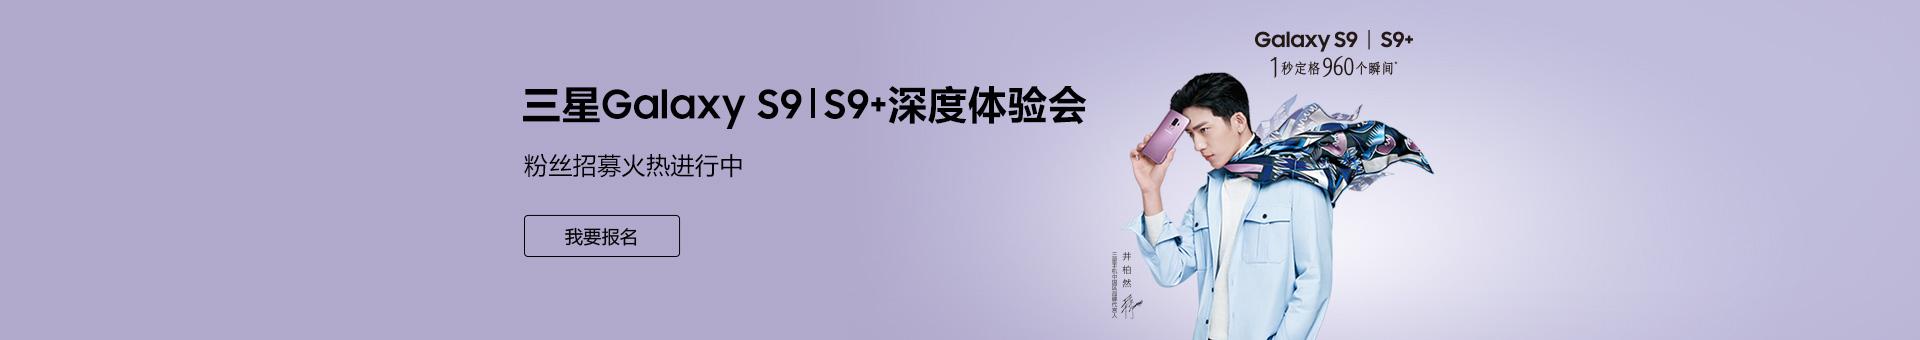 三星Galaxy S9深度体验会火爆招募中